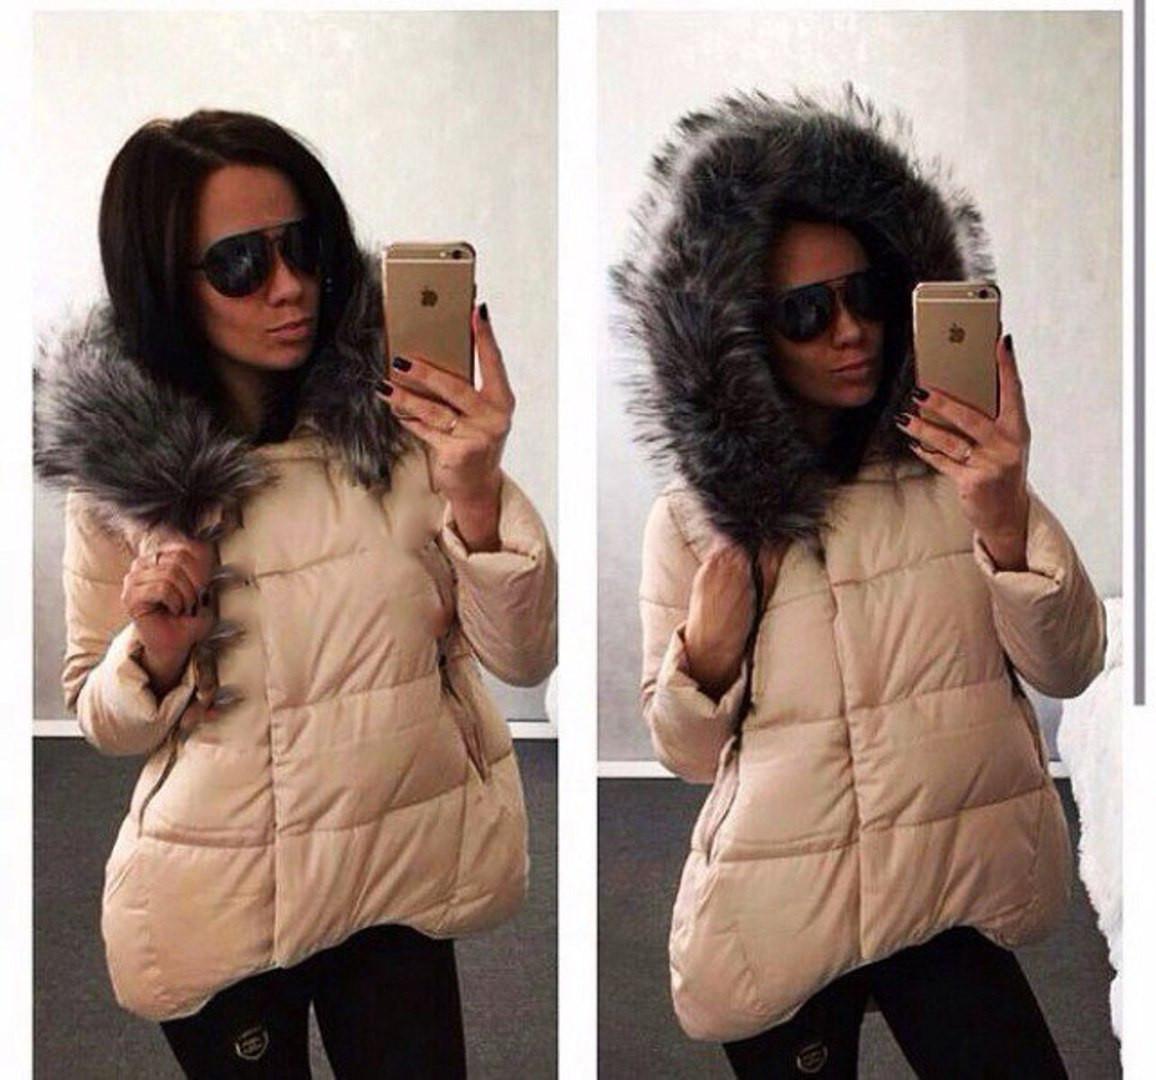 b1750823be8 Асимметричная женская куртка однотонная с меховым капюшоном -  Интернет-магазин одежды